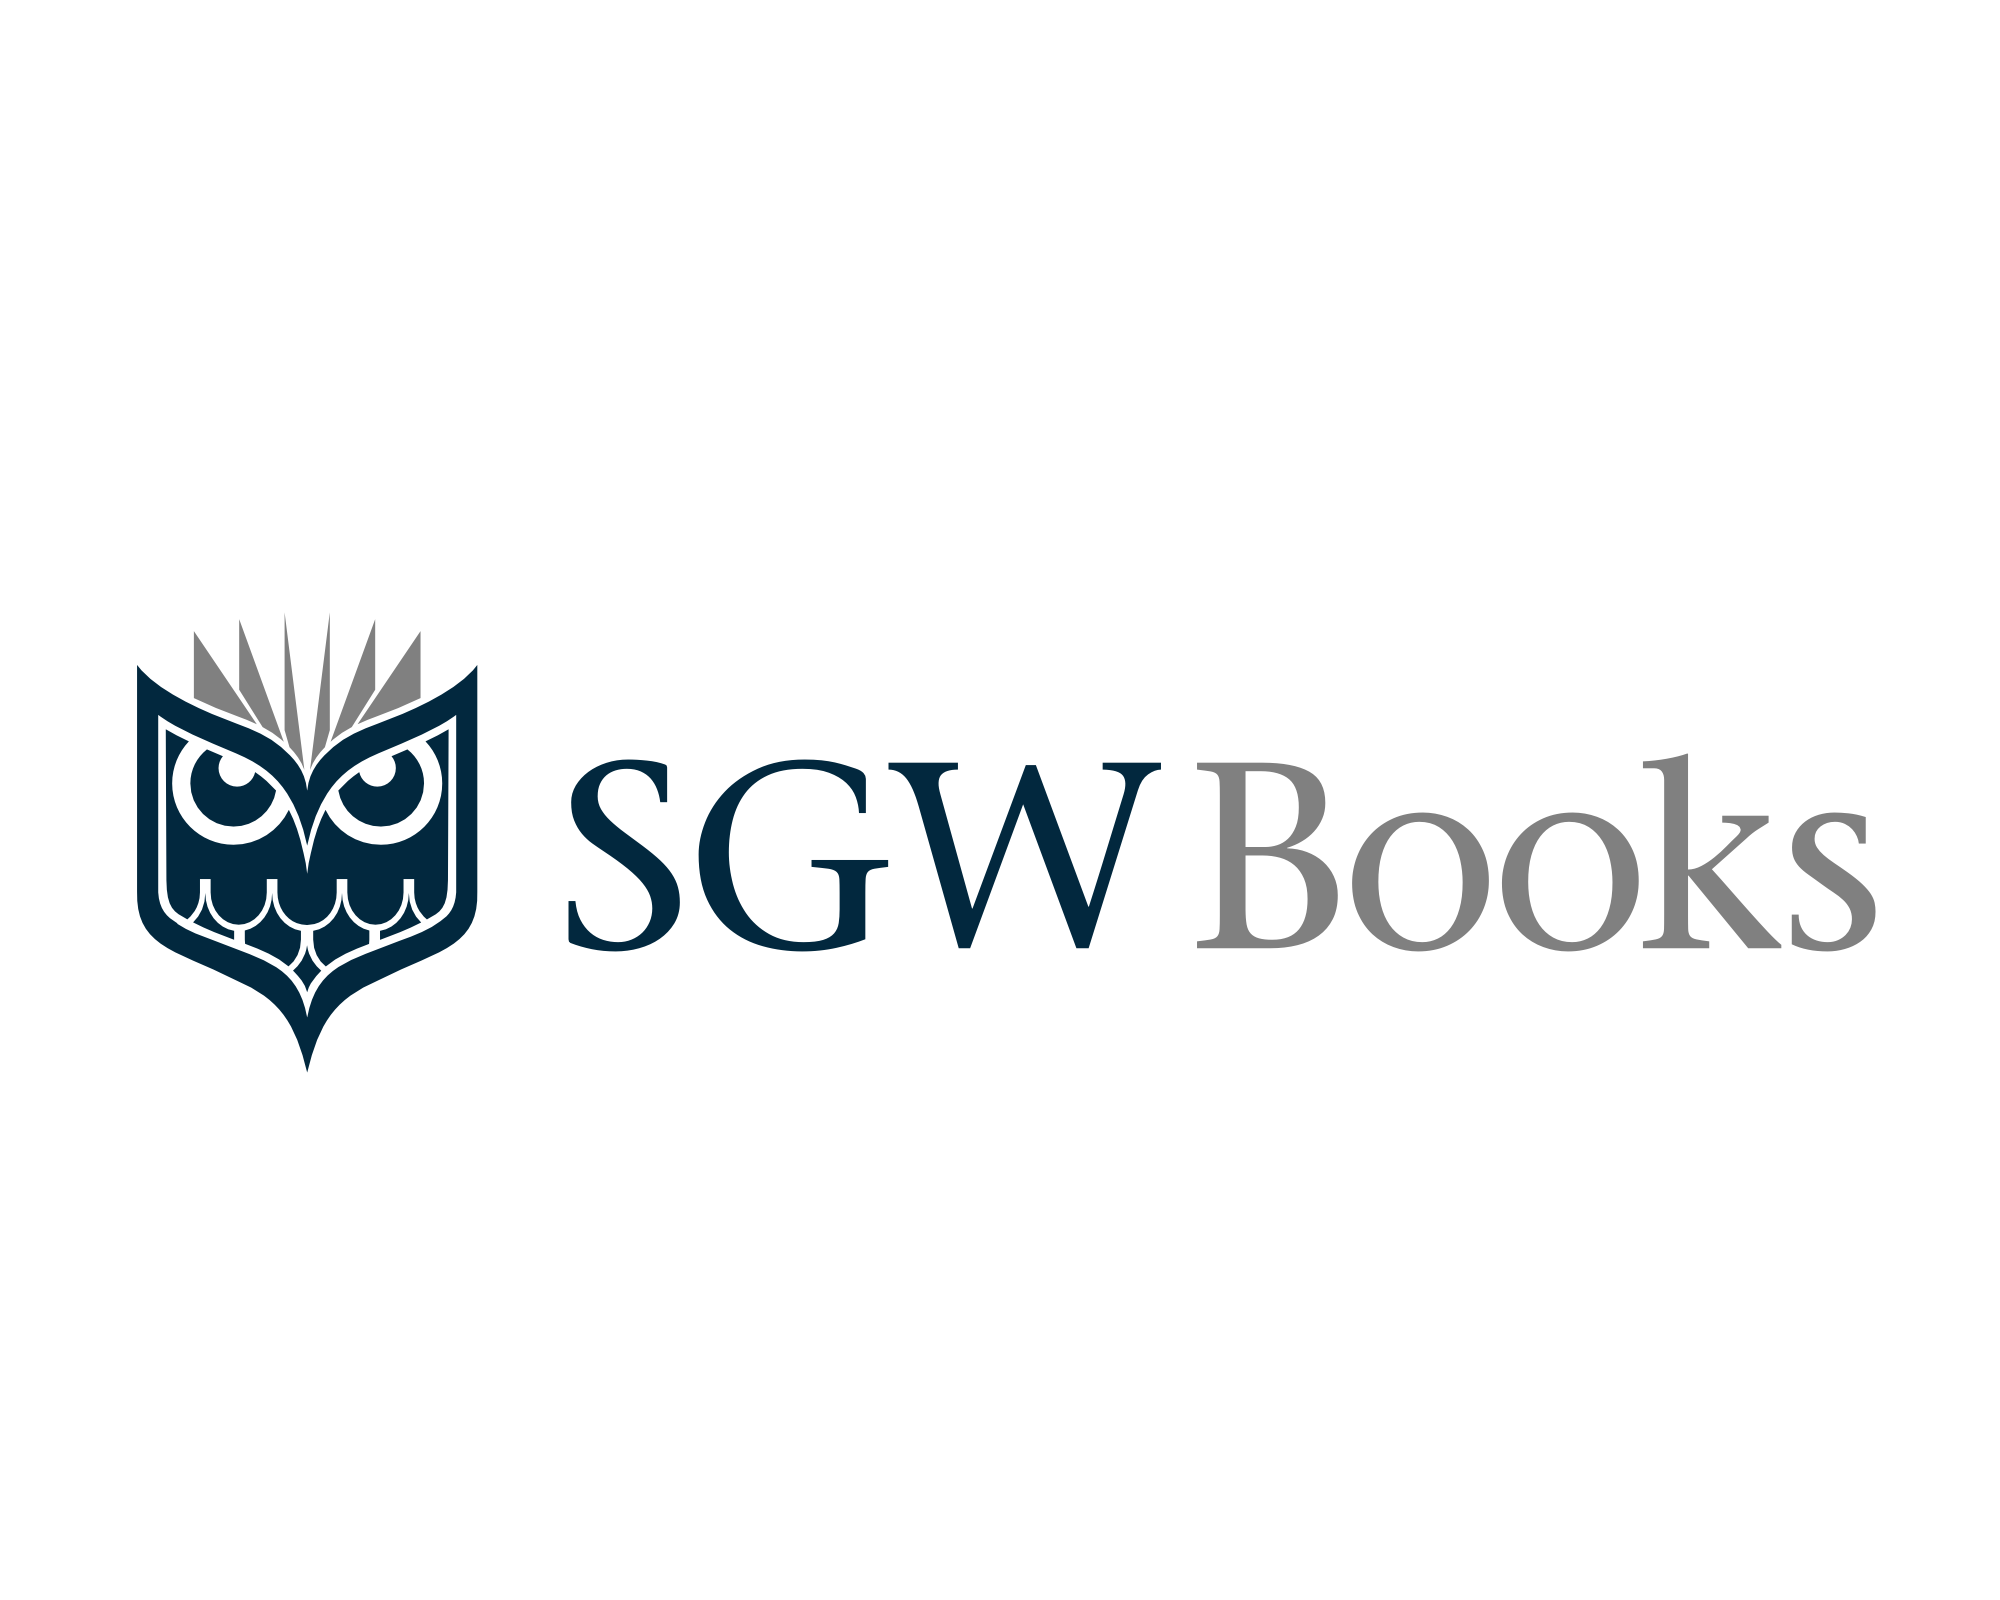 Logo Design by explogos - Entry No. 58 in the Logo Design Contest SGW Books Logo Design.